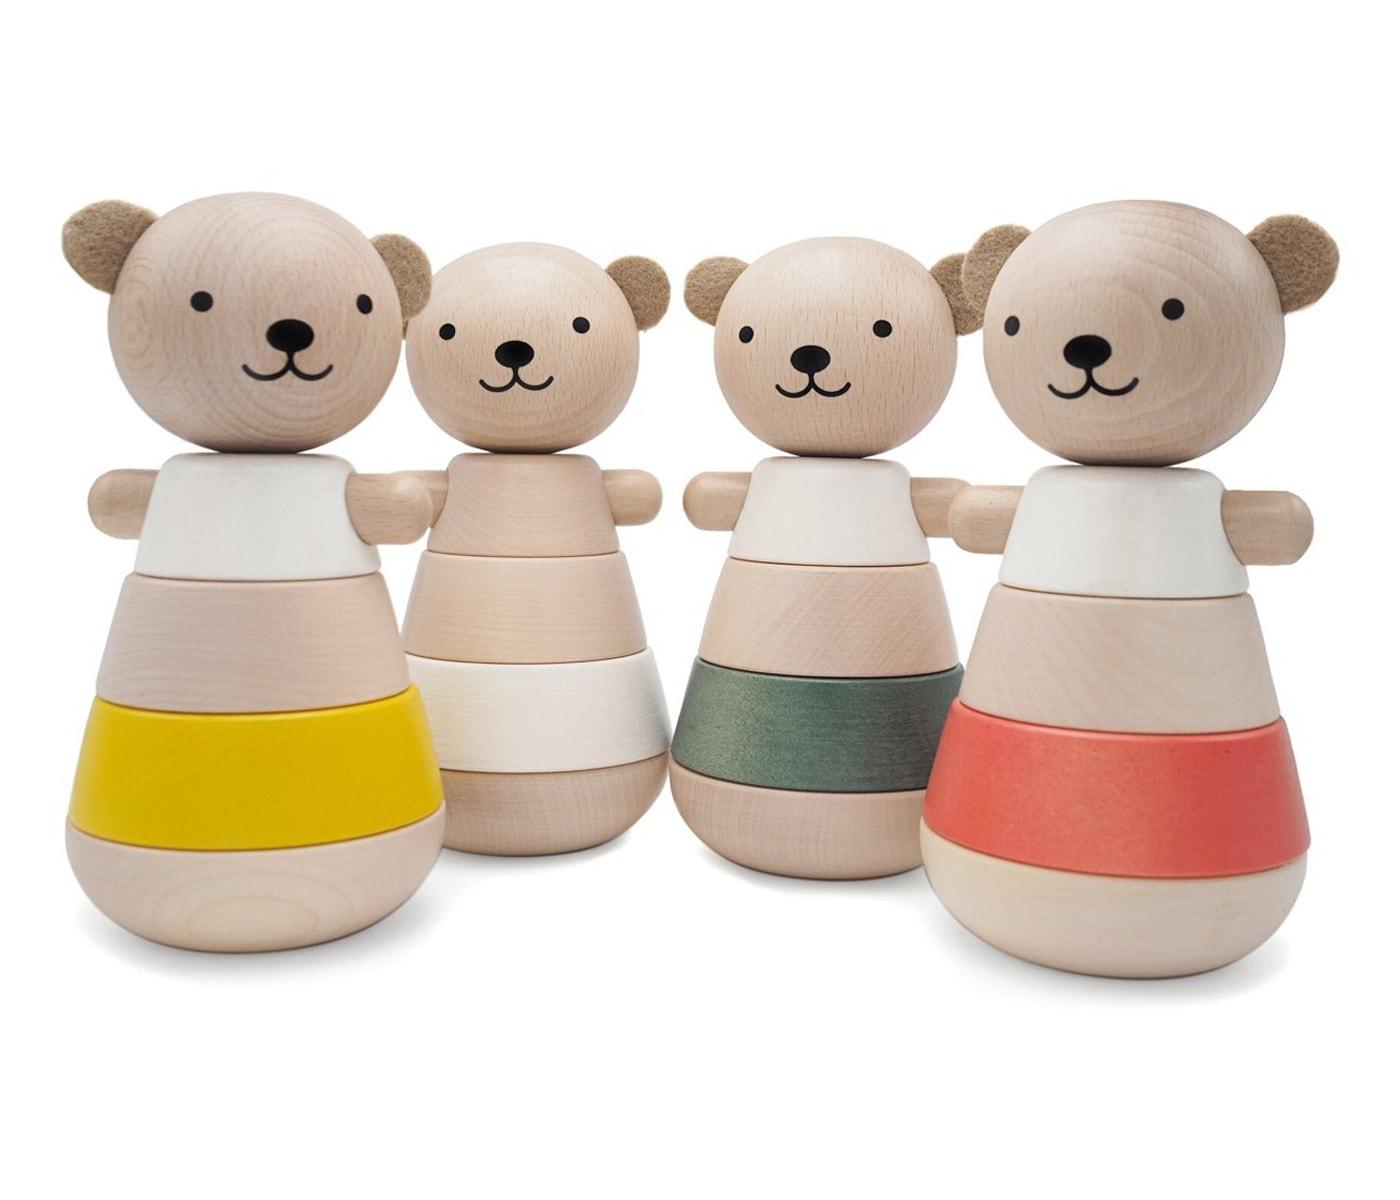 Schönes Spielzeug für kleine Kinder: Stapelbär aus Holz // HIMBEER